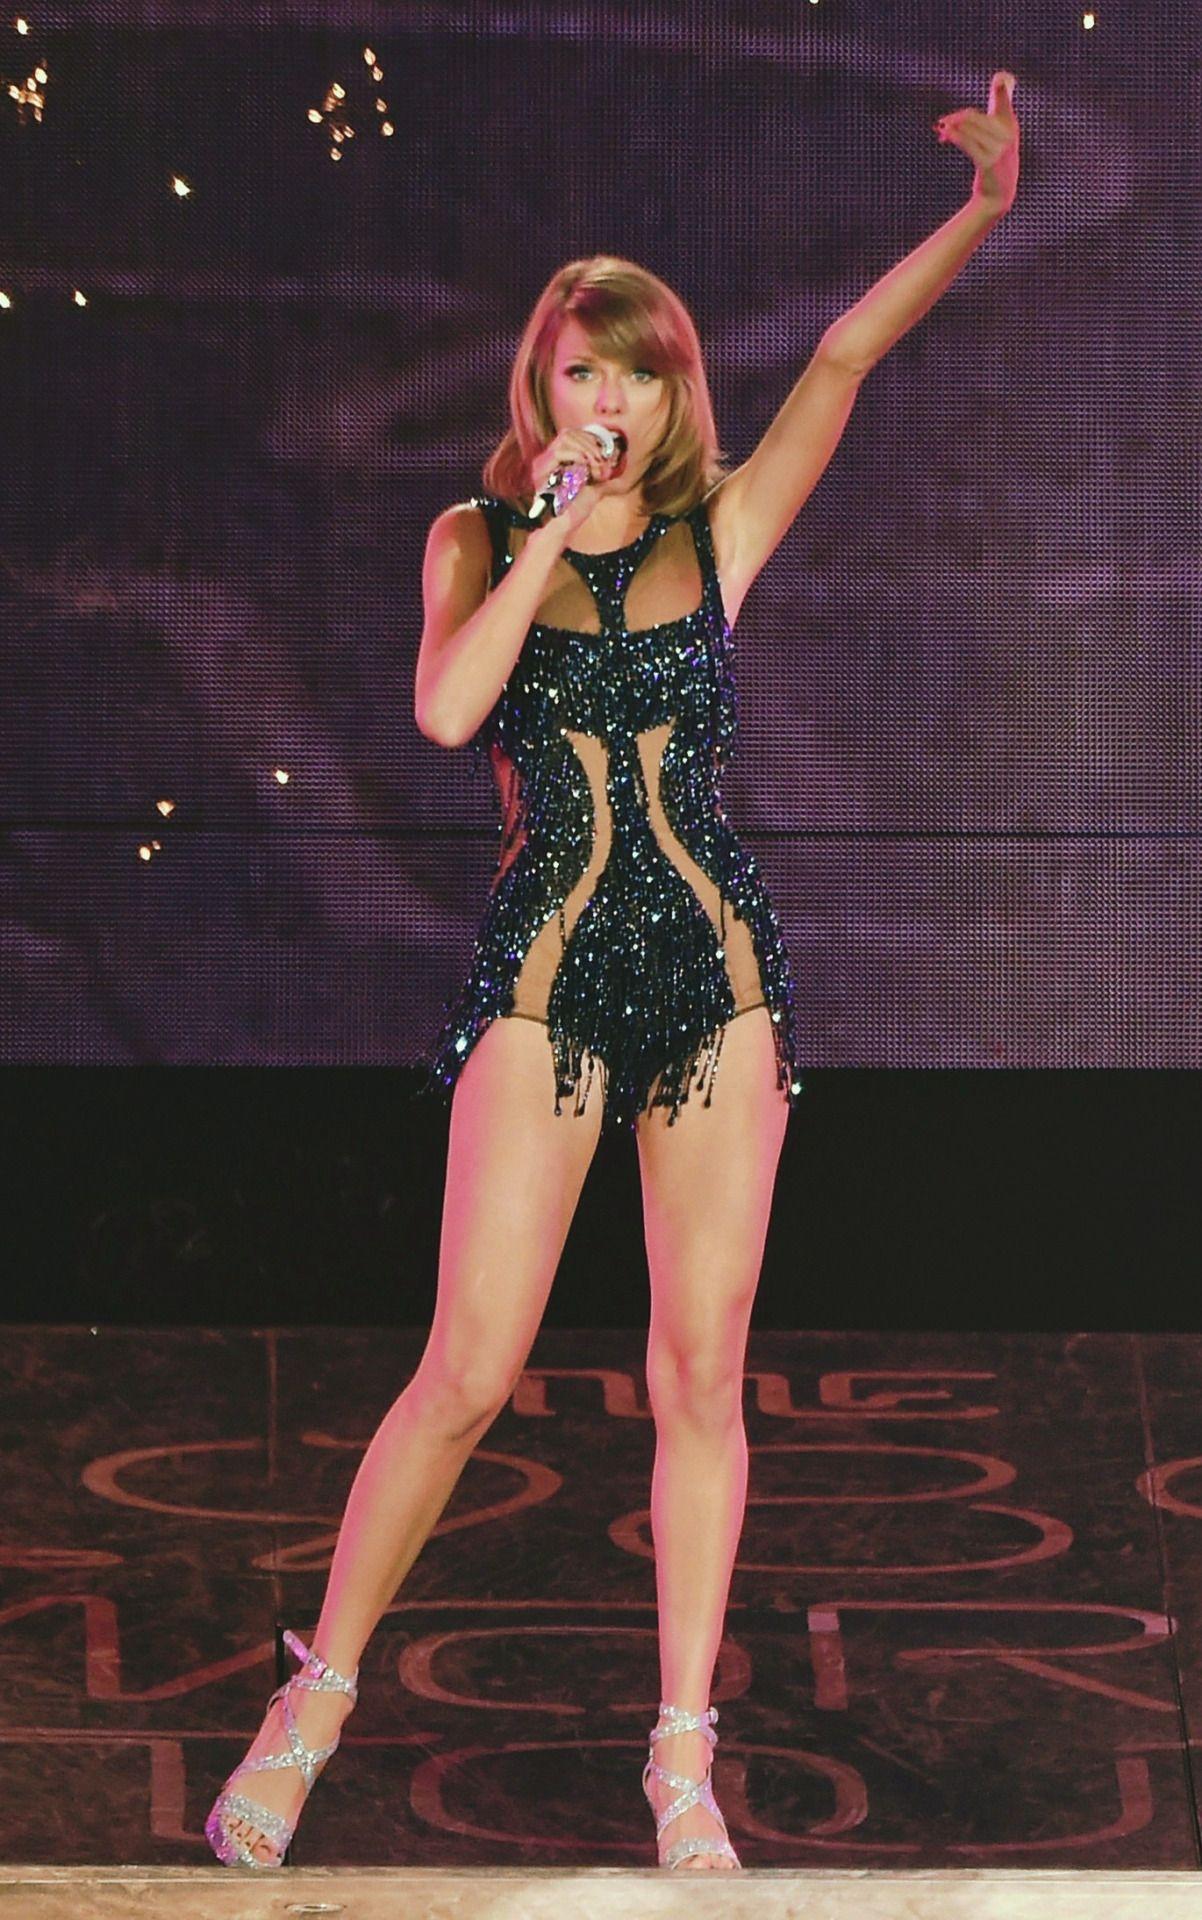 Serbian Swiftie  Photo  Taylor Swift Legs, Taylor Swift -7547